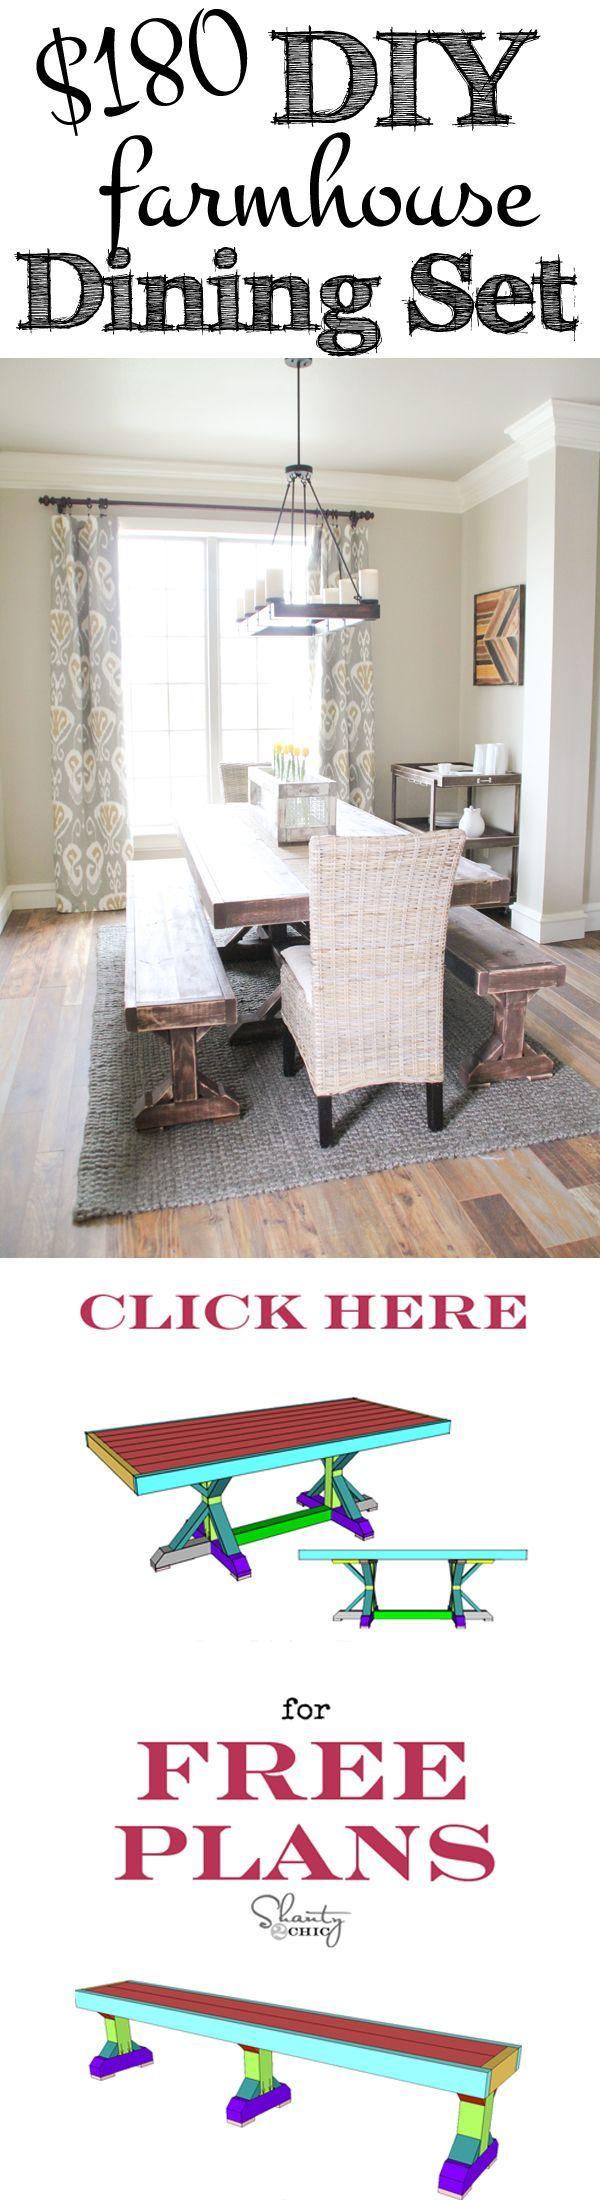 Mejores 41 imágenes de DIY furniture en Pinterest | Carpintería ...